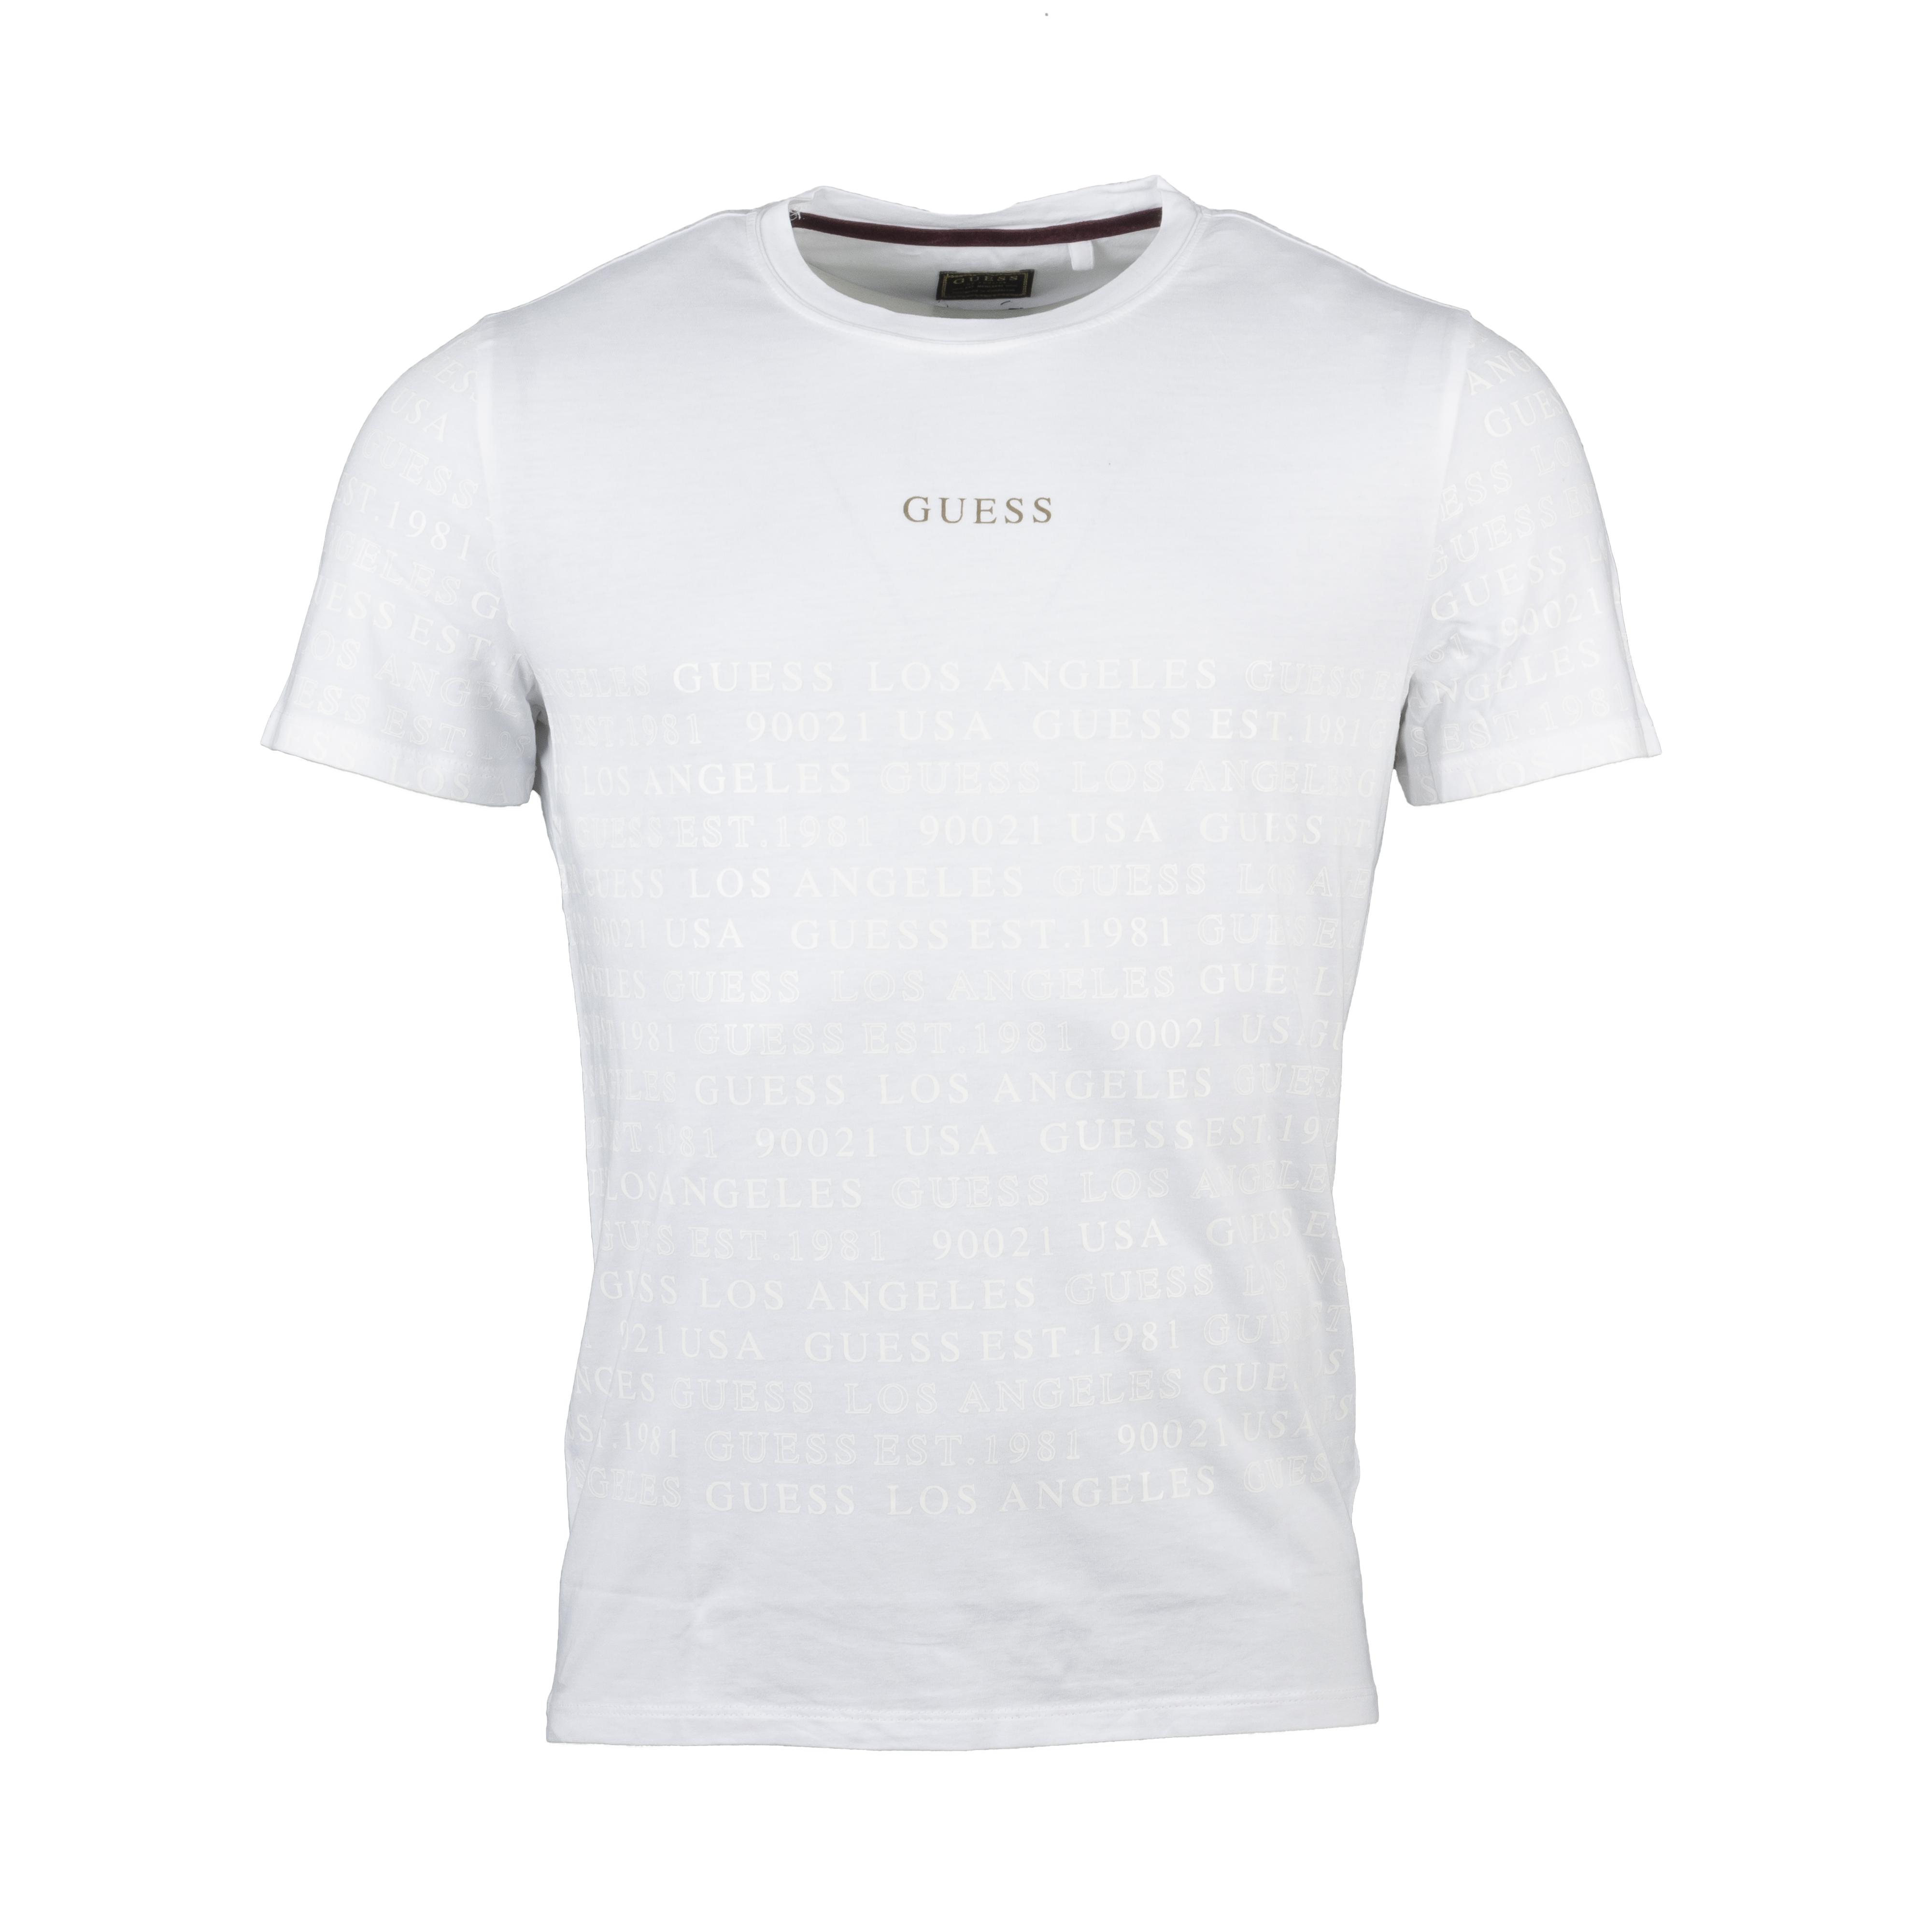 Tee-shirt col rond  en coton mélangé blanc floqué